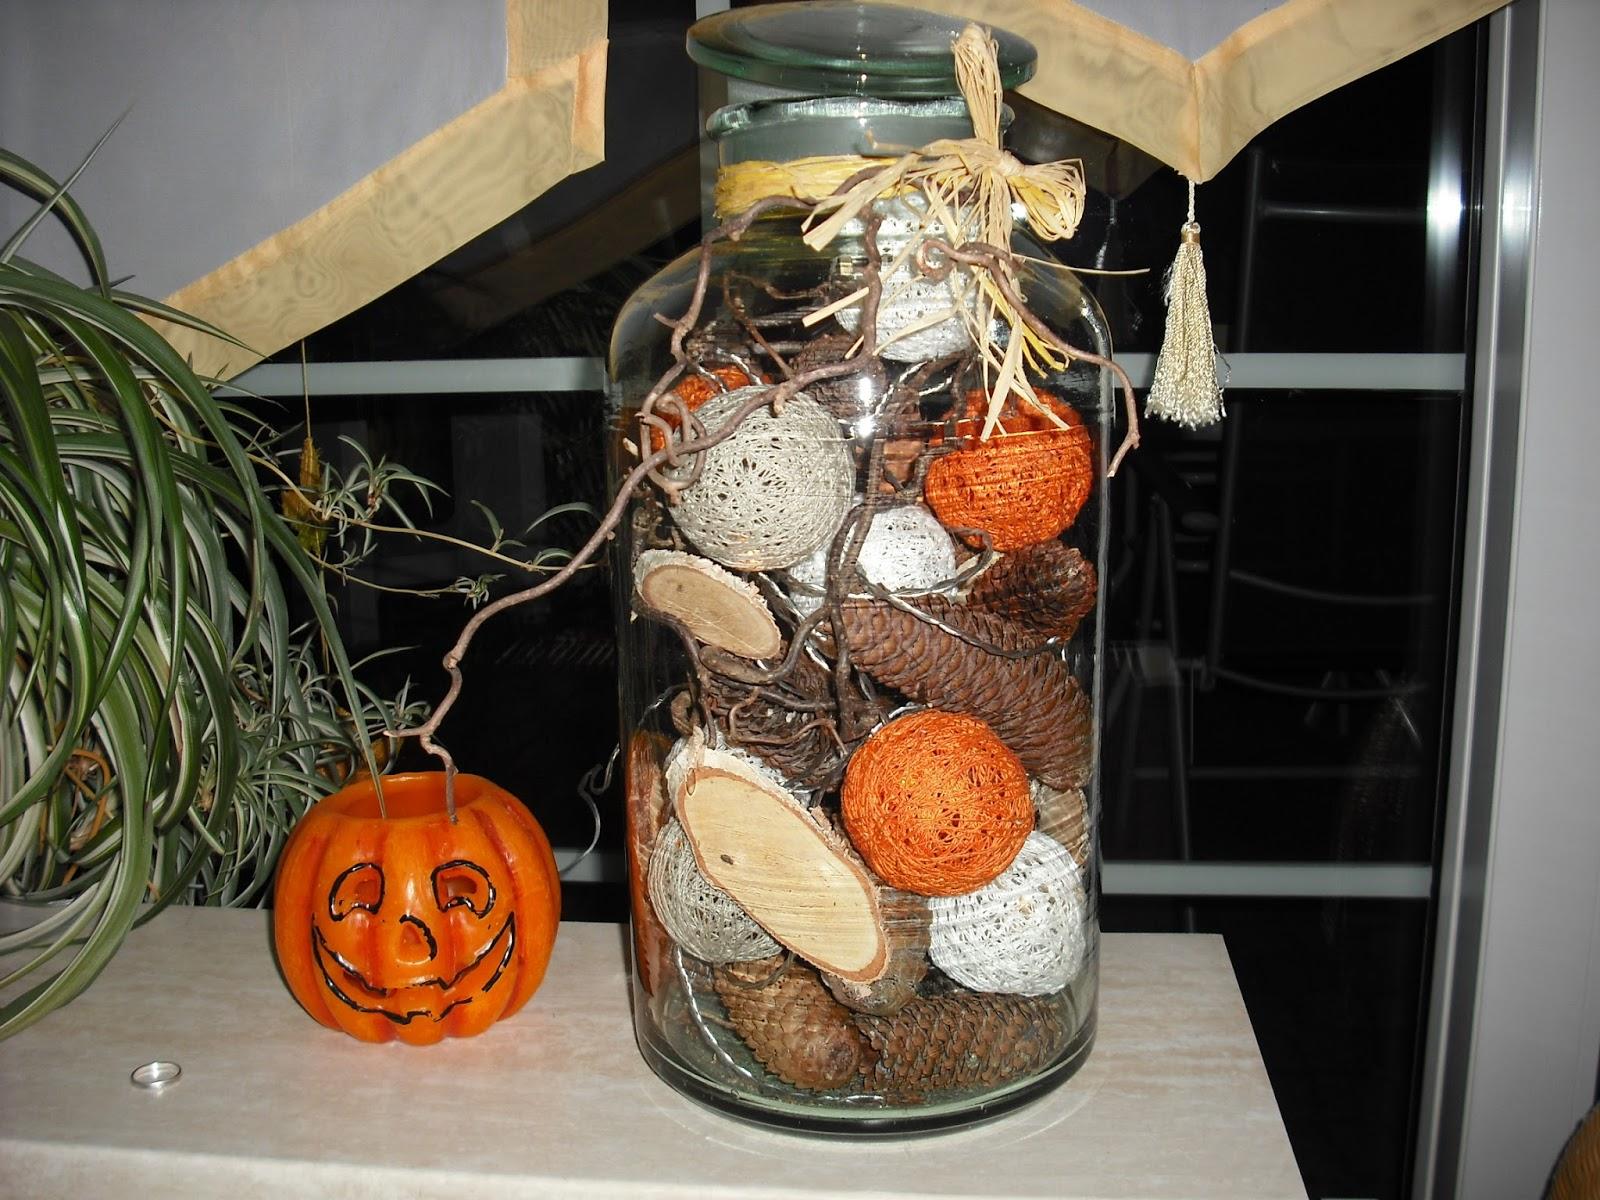 Woll dekoelfe herbstdeko for Herbstdeko im glas